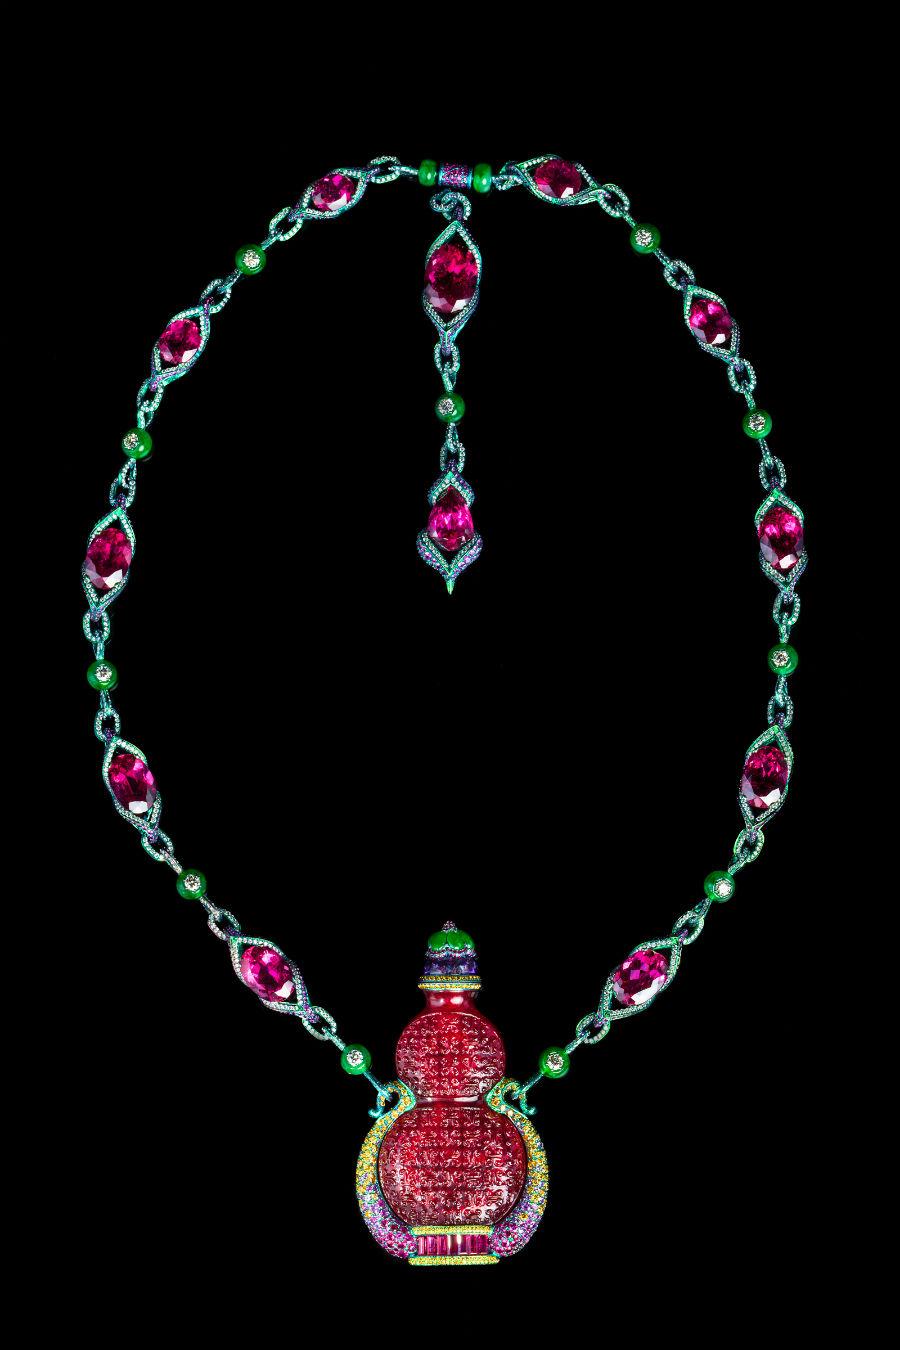 Wallace Chan – Collana Bliss and Peace – Tabacchiera del periodo Daoguang (1821-1850), rubellite ( circa 80.54 cts) giadeite, diamante giallo, rubino, ametista, diamante, zaffiri rosa, titanio. A causa del clima più umido rispetto a quello occidentale, i cinesi preferivano alla tabacchiera a forma di scatola l'utilizzo delle deliziose ed eleganti bottigliette da tabacco come quella presente nella collana Bliss and Peace.